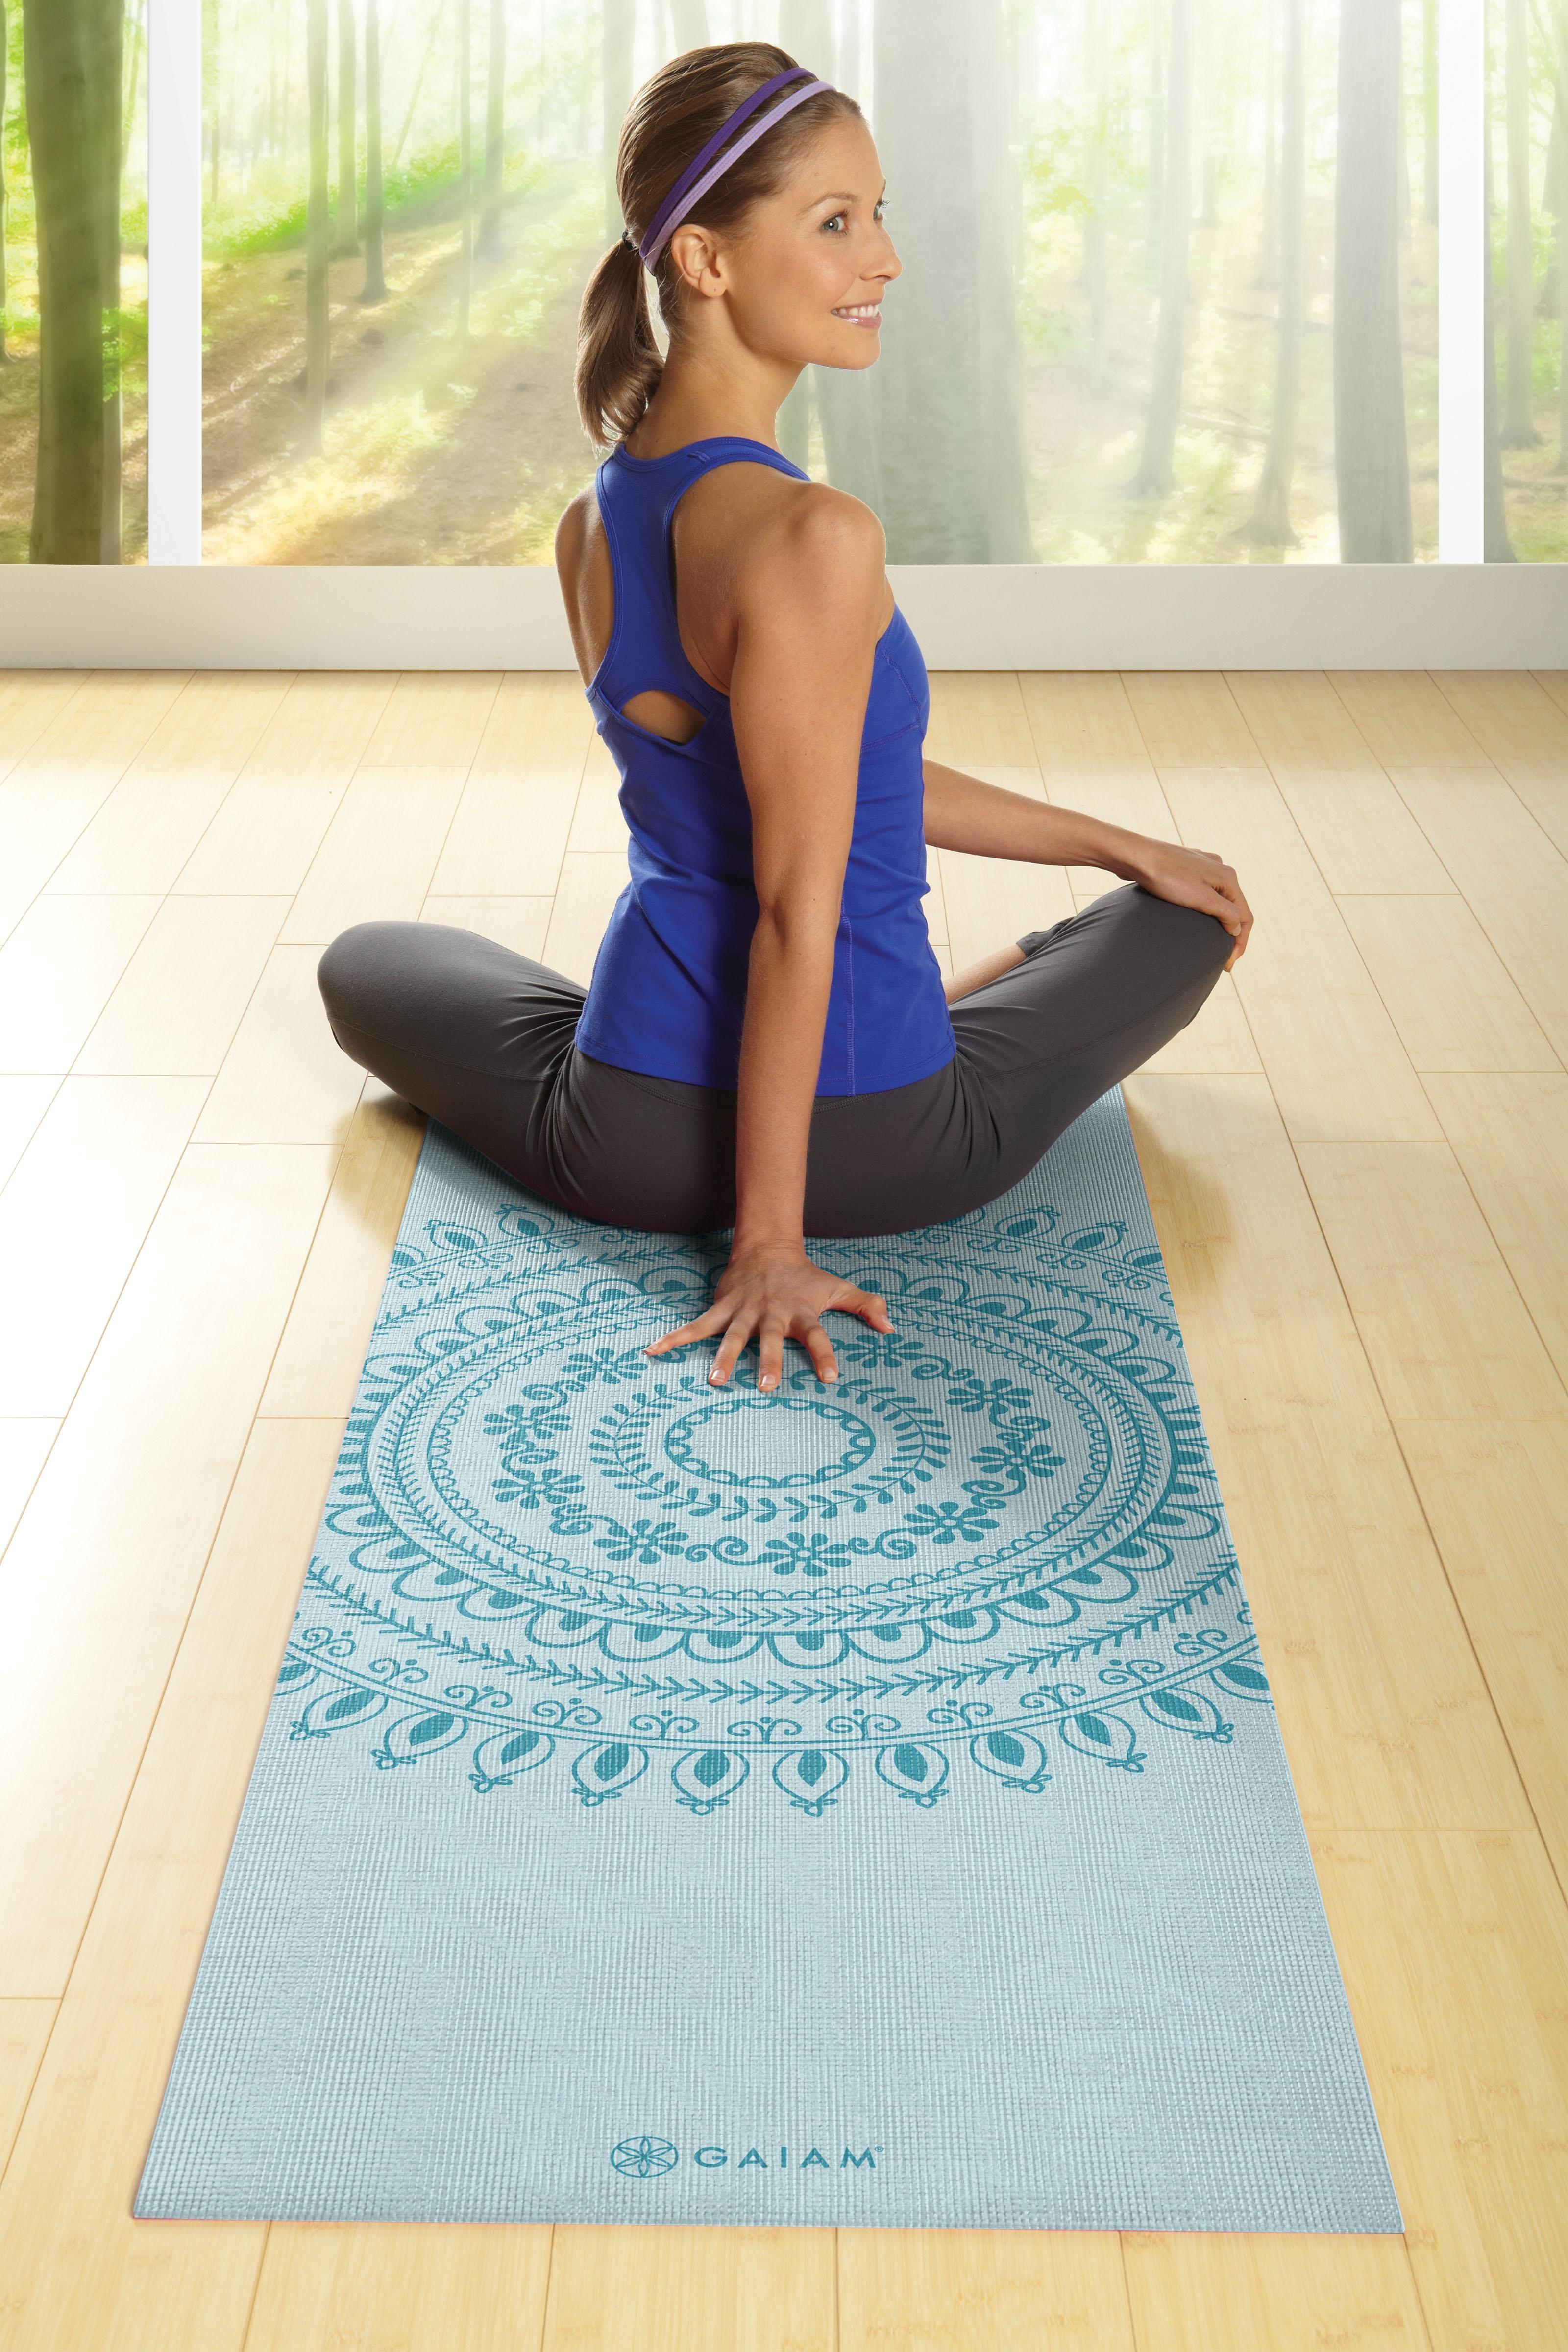 Robot Check Gaiam Yoga Print Yoga Mat Gaiam Yoga Mat